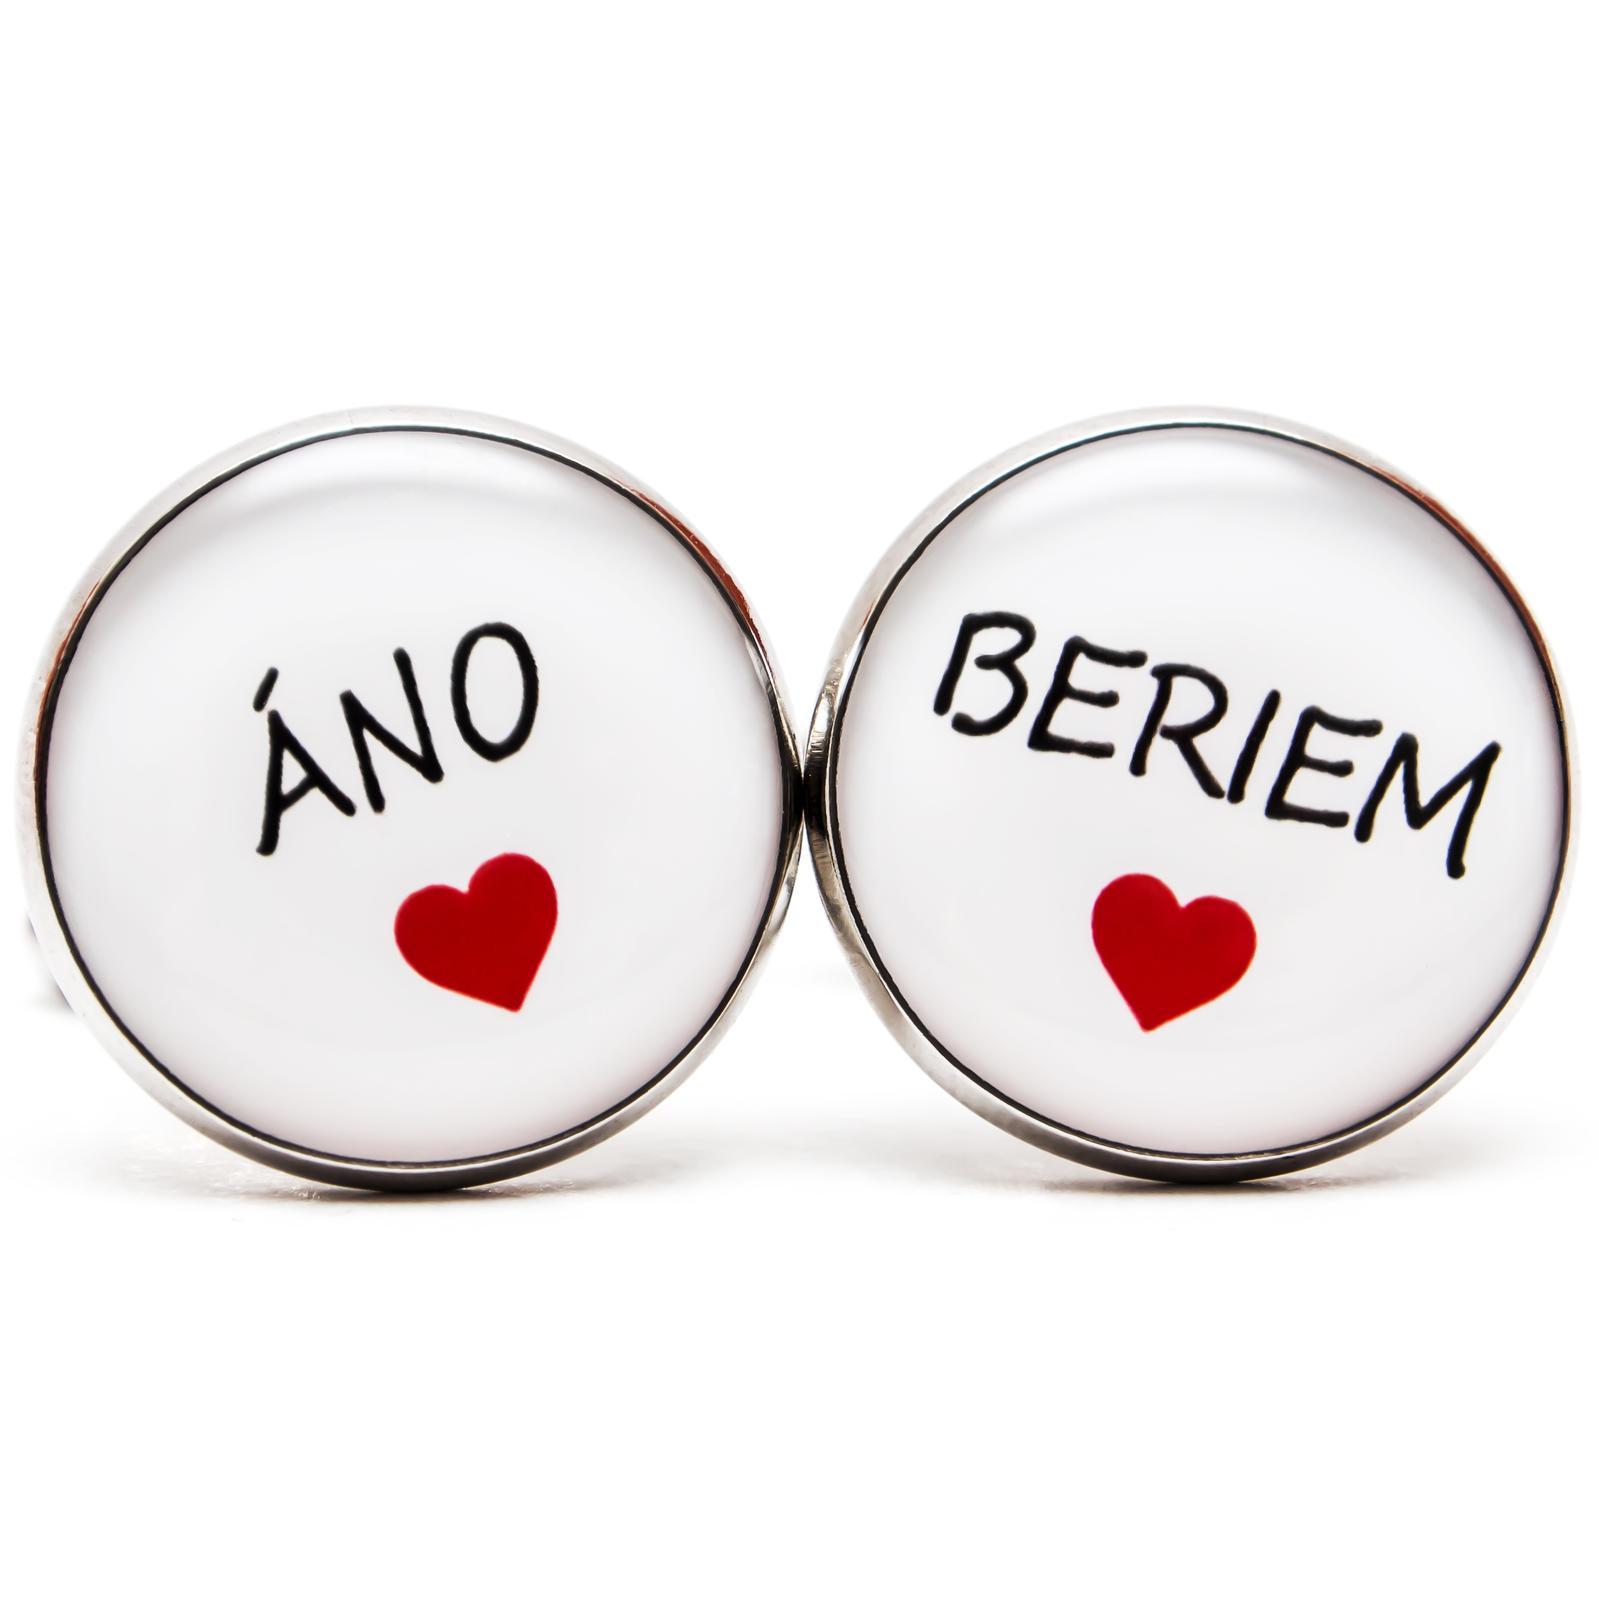 ÁNO BERIEM - Obrázok č. 1